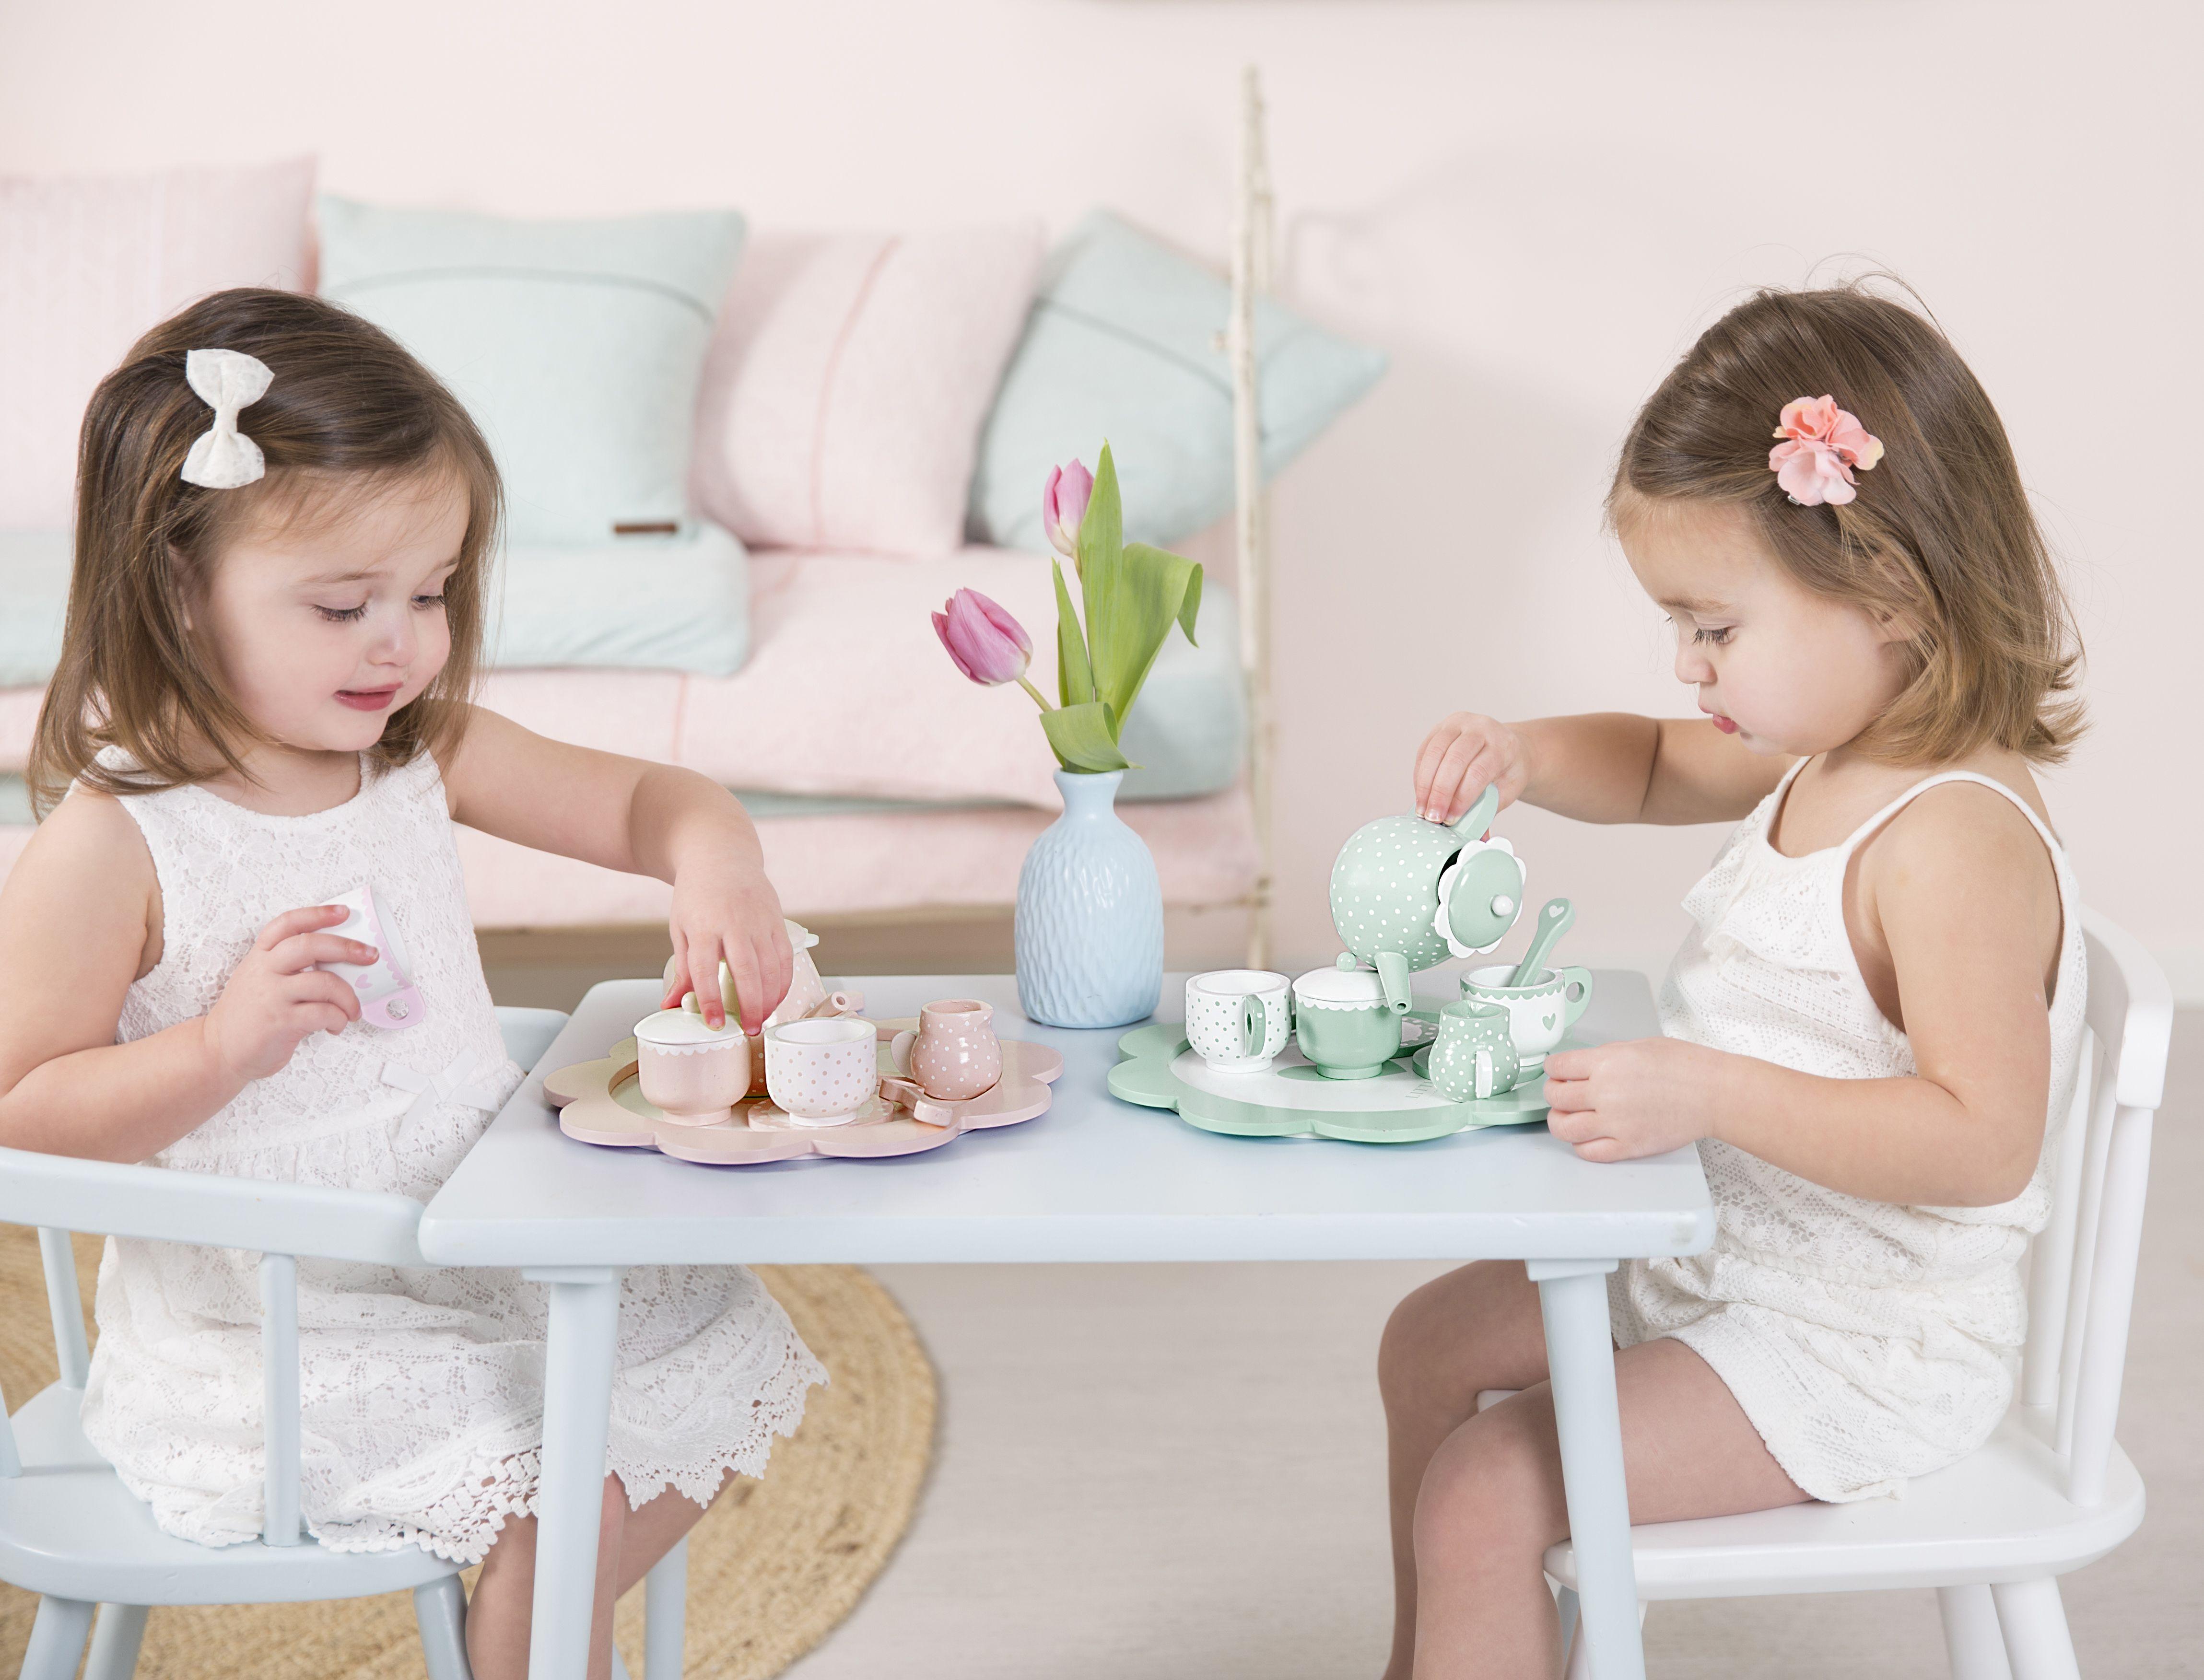 Holz Tee Set pink | Stofftiger Jetzt Holzspielzeug kaufen